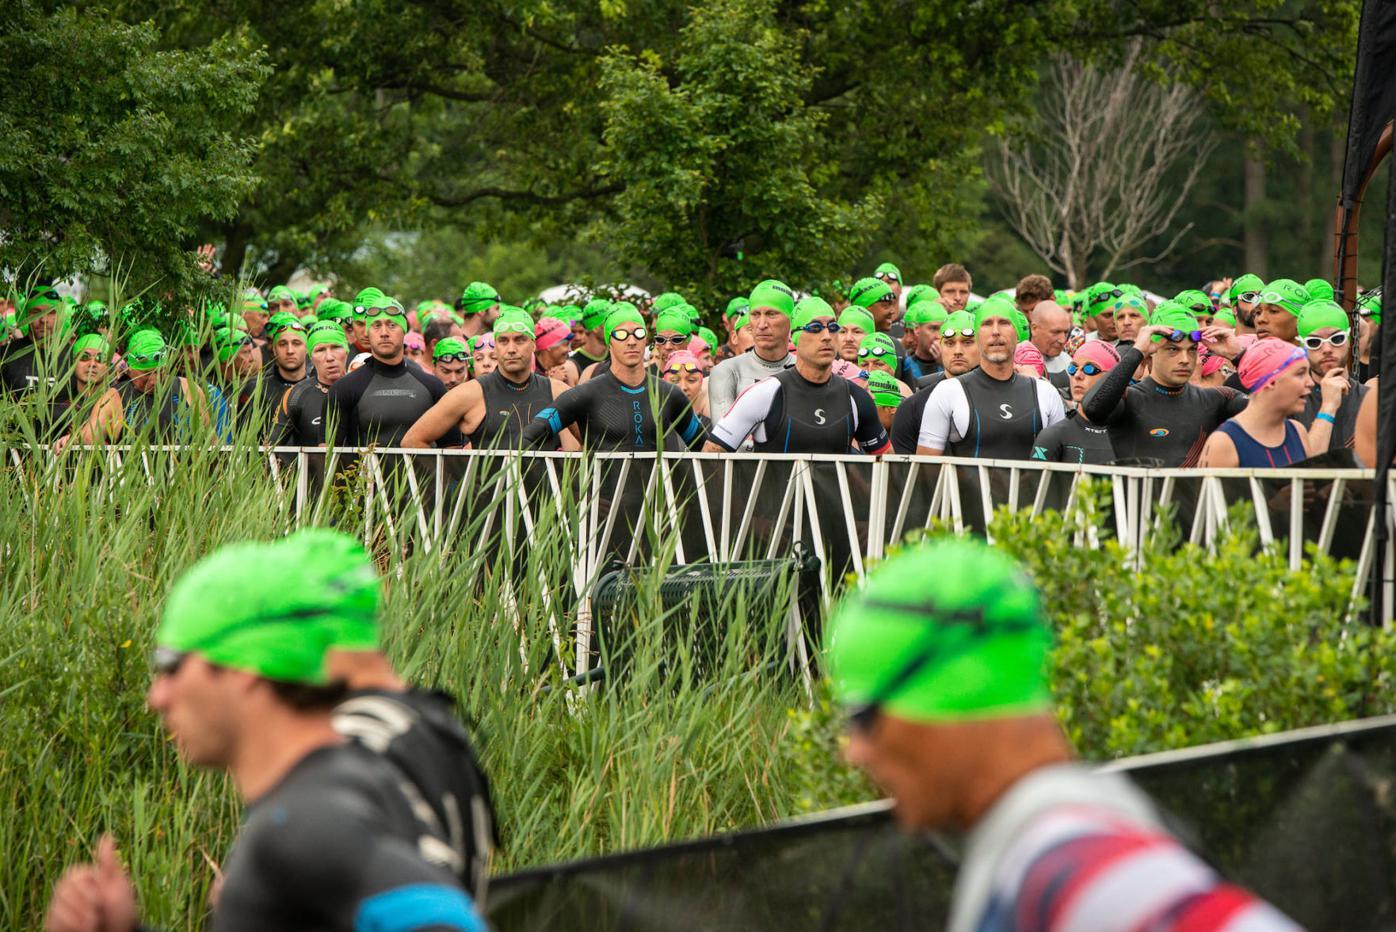 2021 Eagleman race swimmers wait